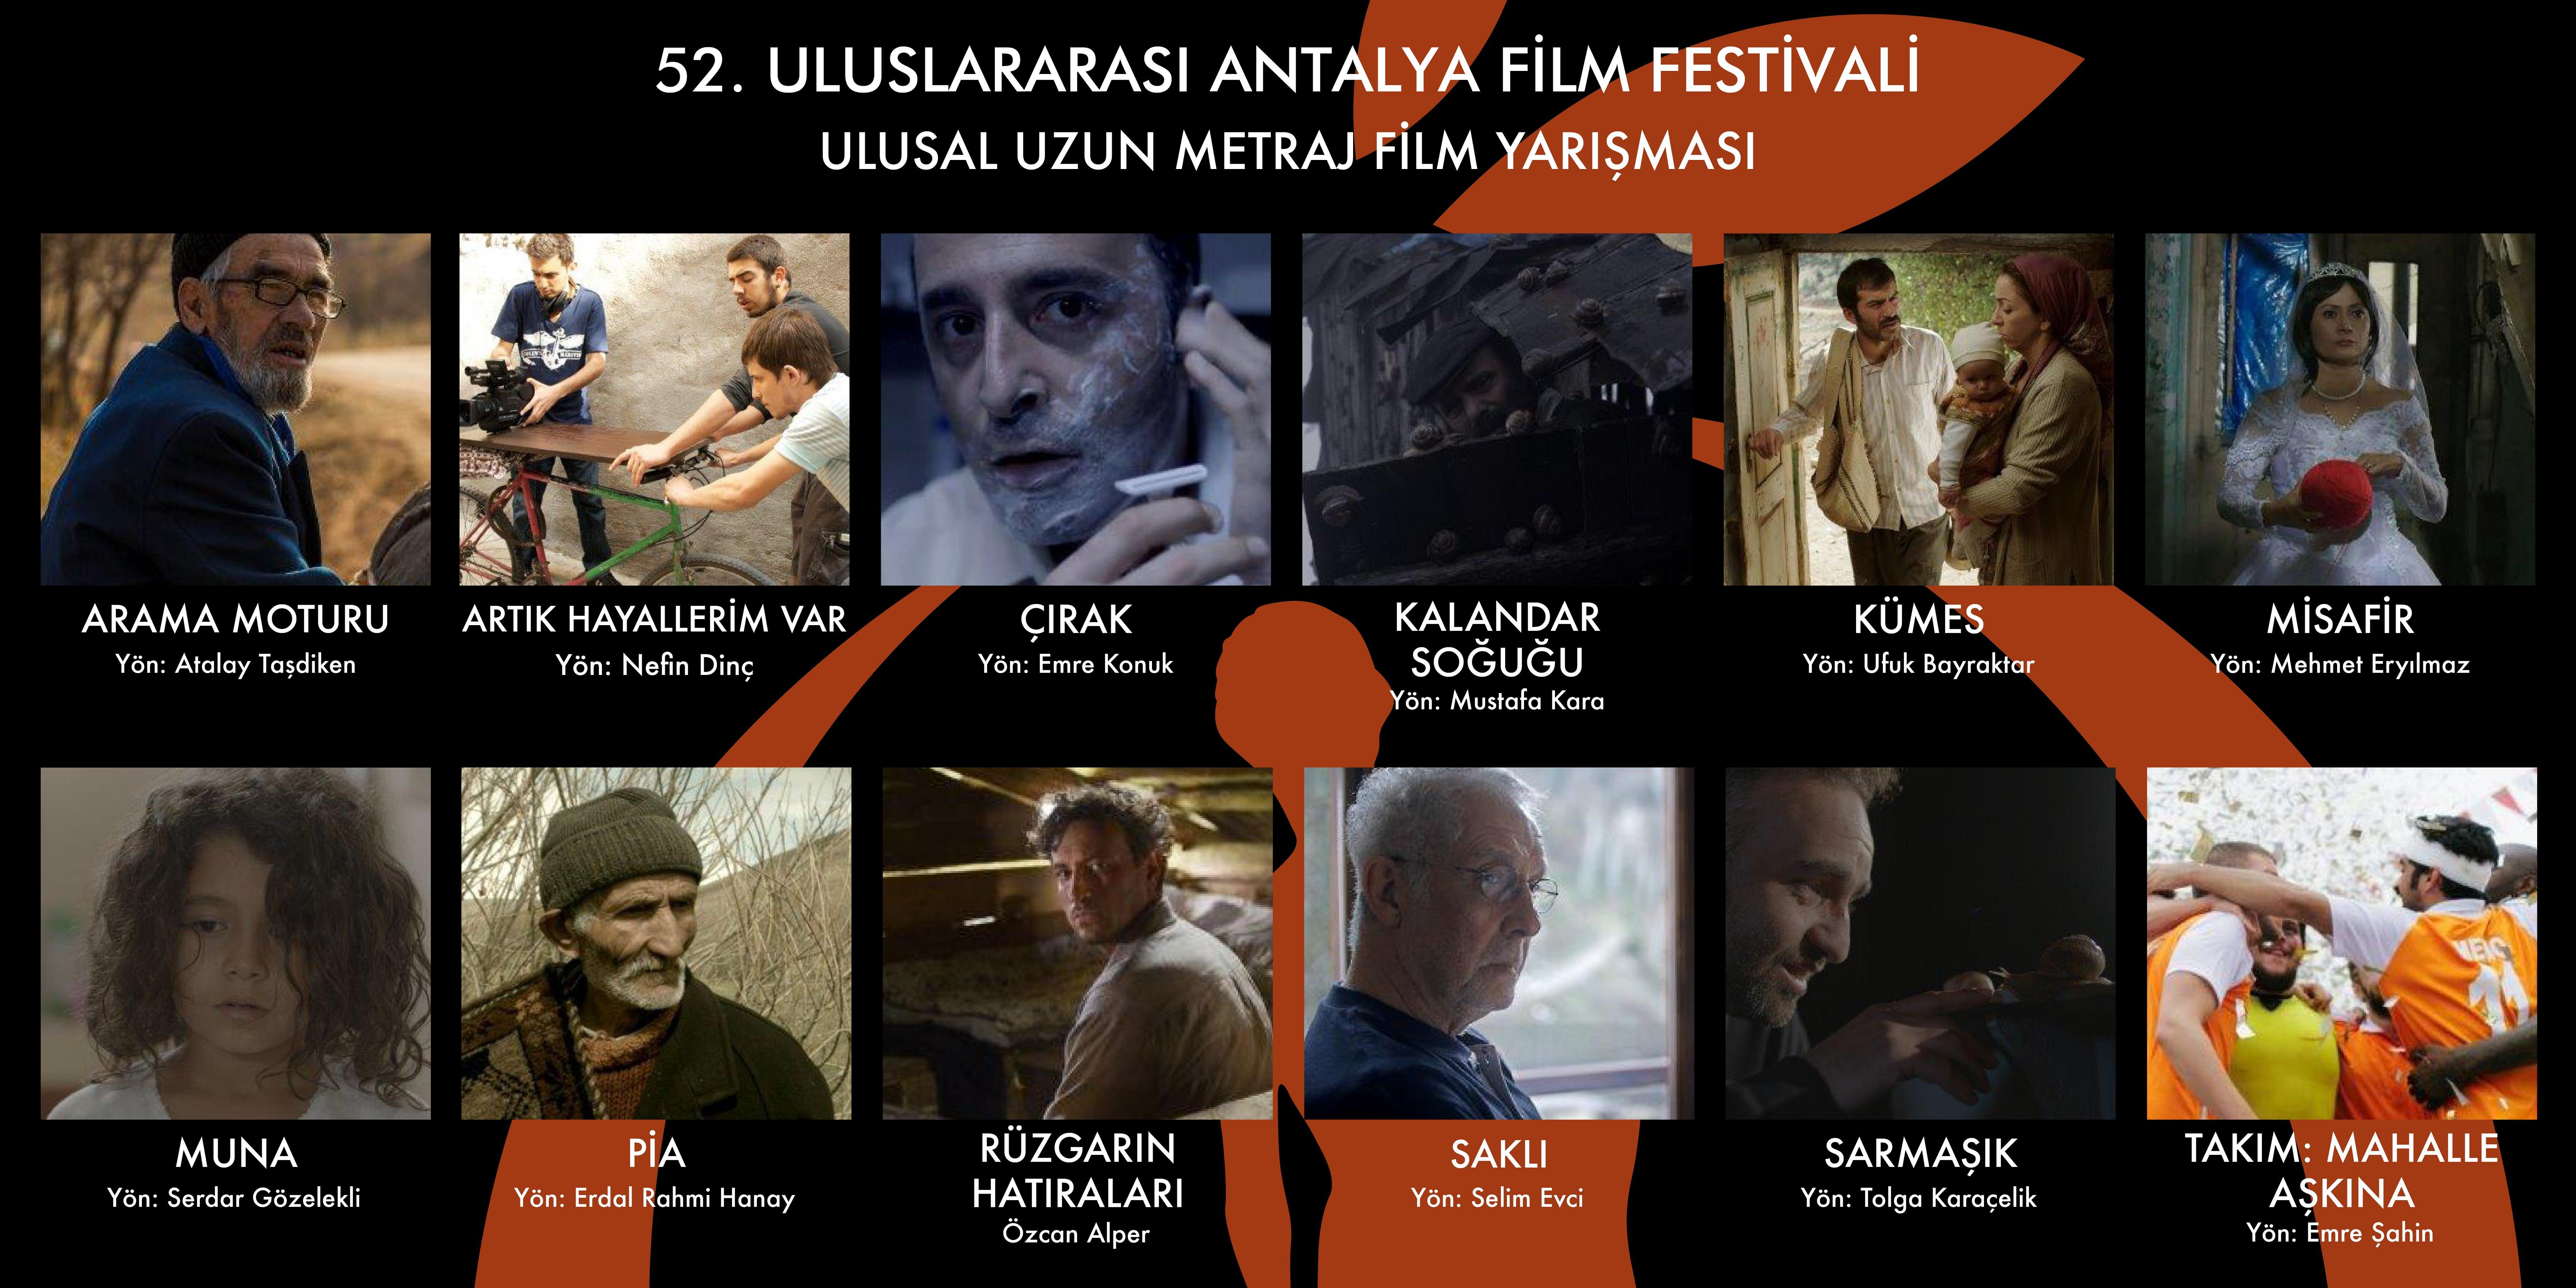 52. uluslararasıAntalya Film Festivali  Ulusal Uzun Metraj Film Yarışmasında yarışacak filmler belli oldu